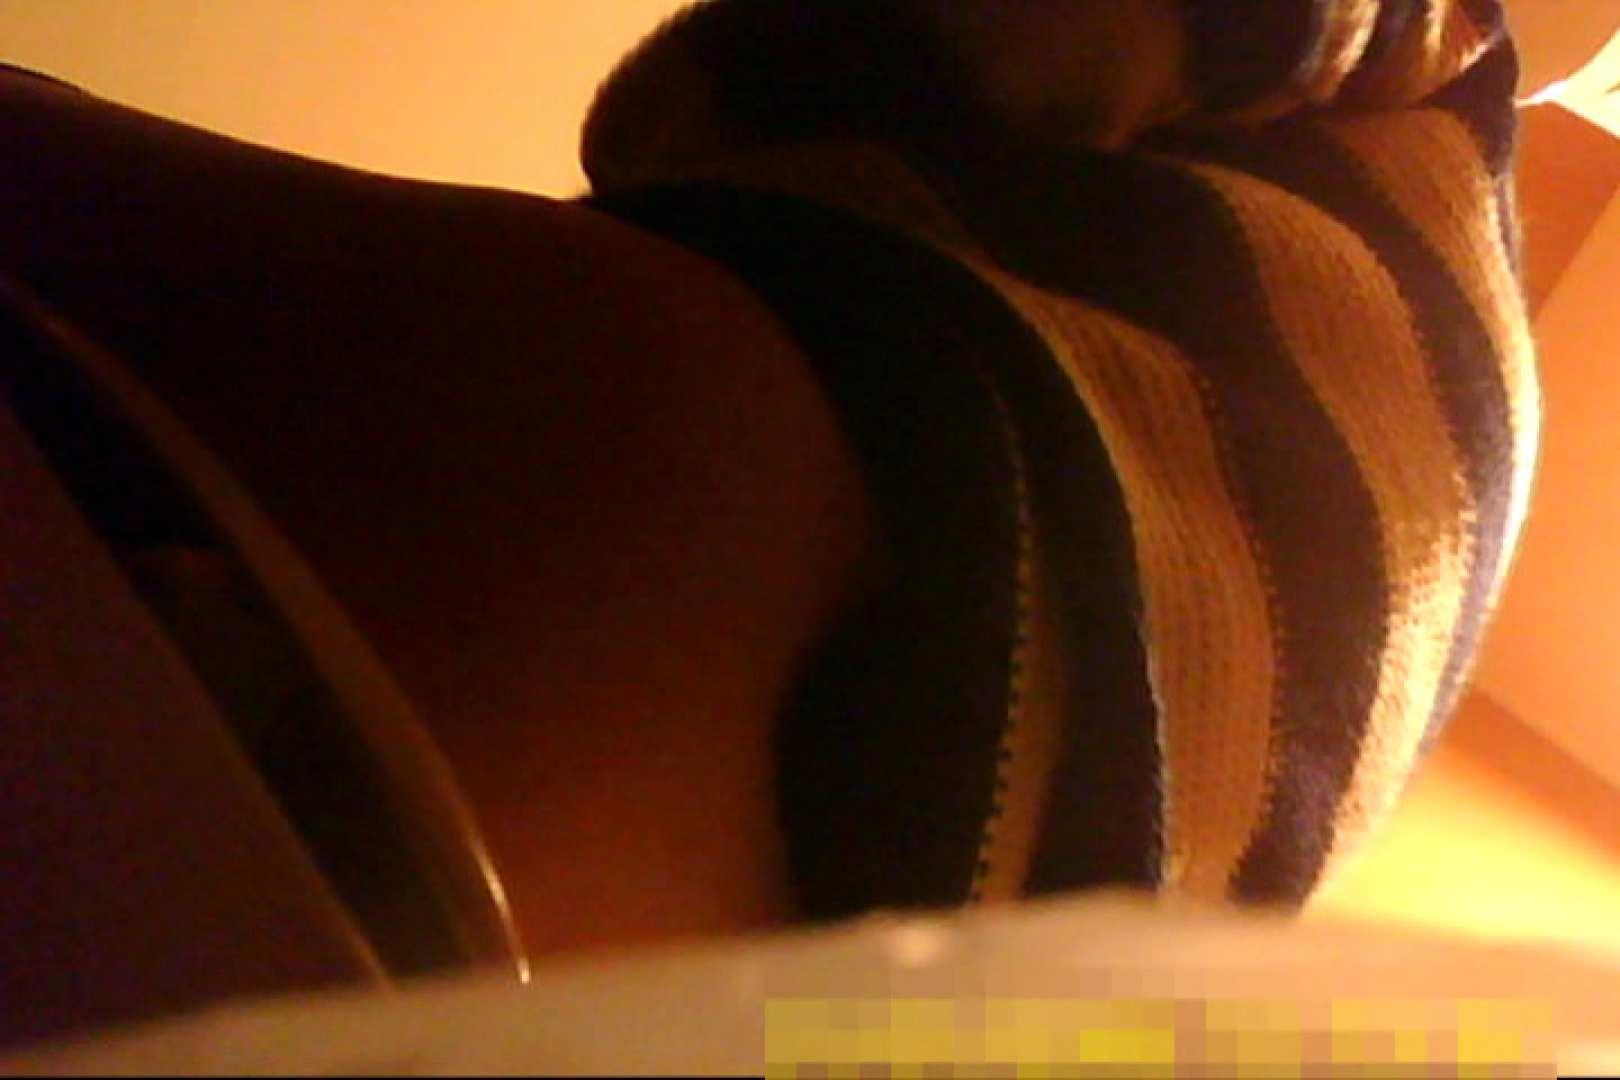 魅惑の化粧室~禁断のプライベート空間~vol.6 プライベート映像 AV無料動画キャプチャ 56pic 32